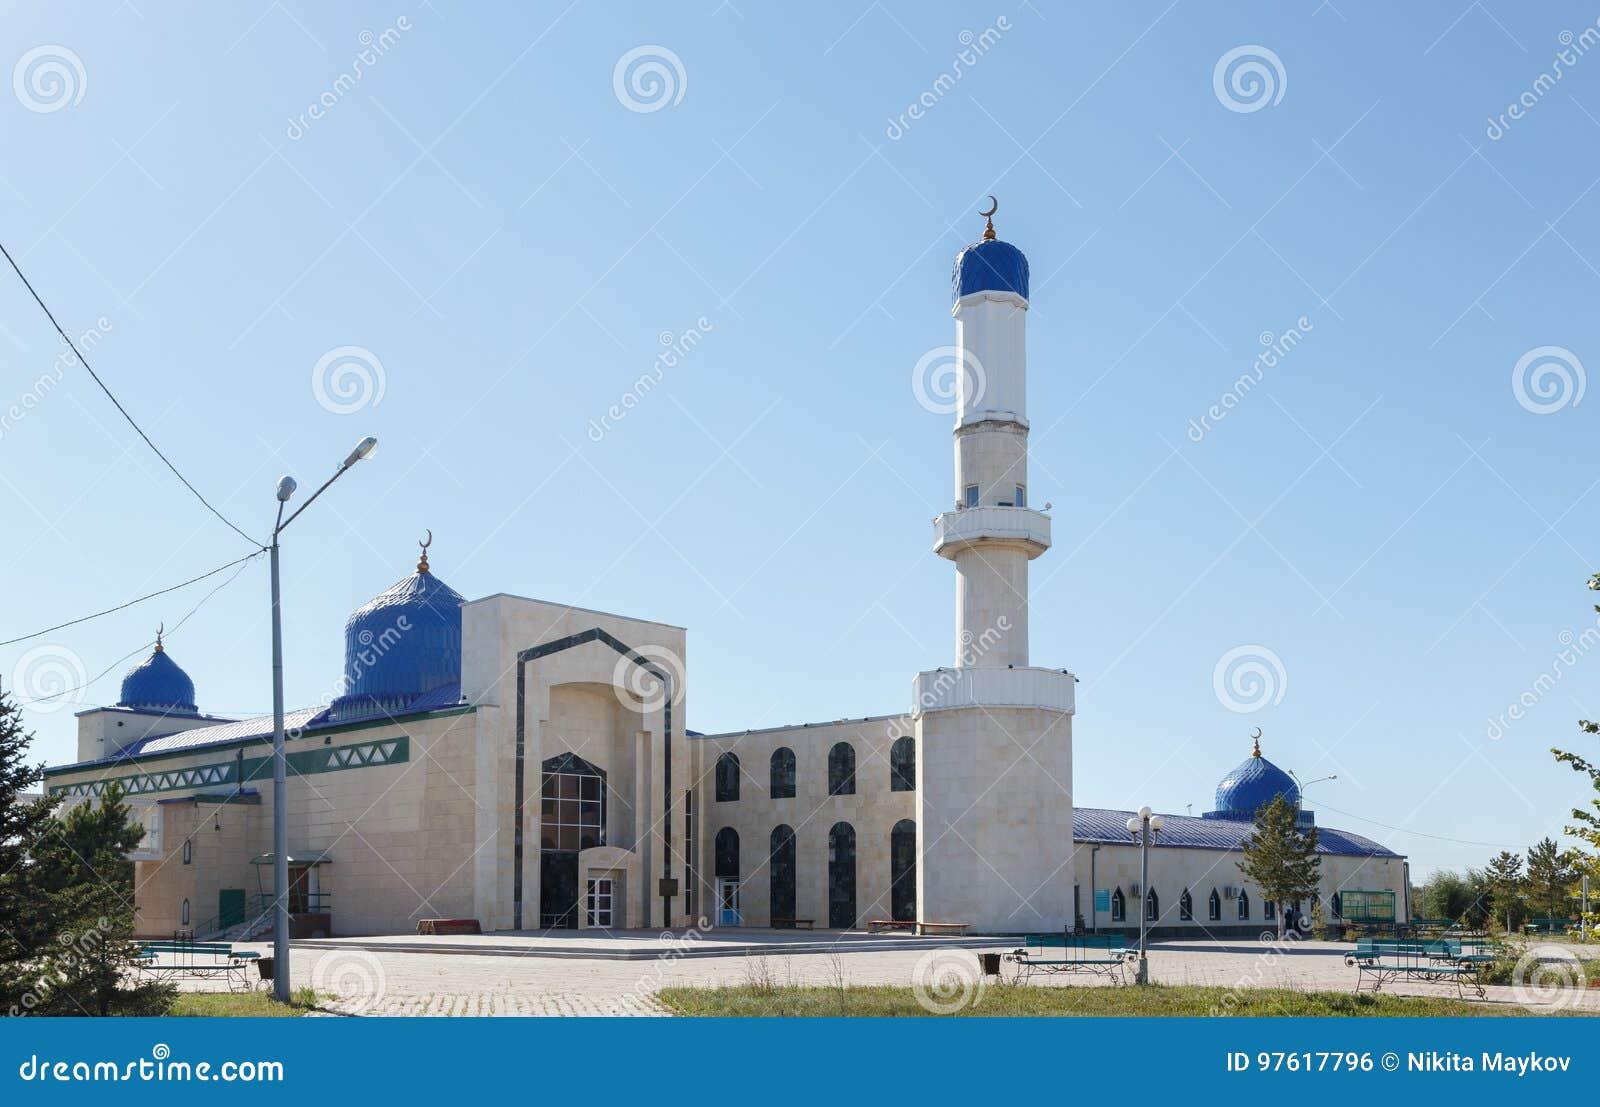 卡拉干达,哈萨克斯坦- 2016年9月1日:卡拉干达市清真寺